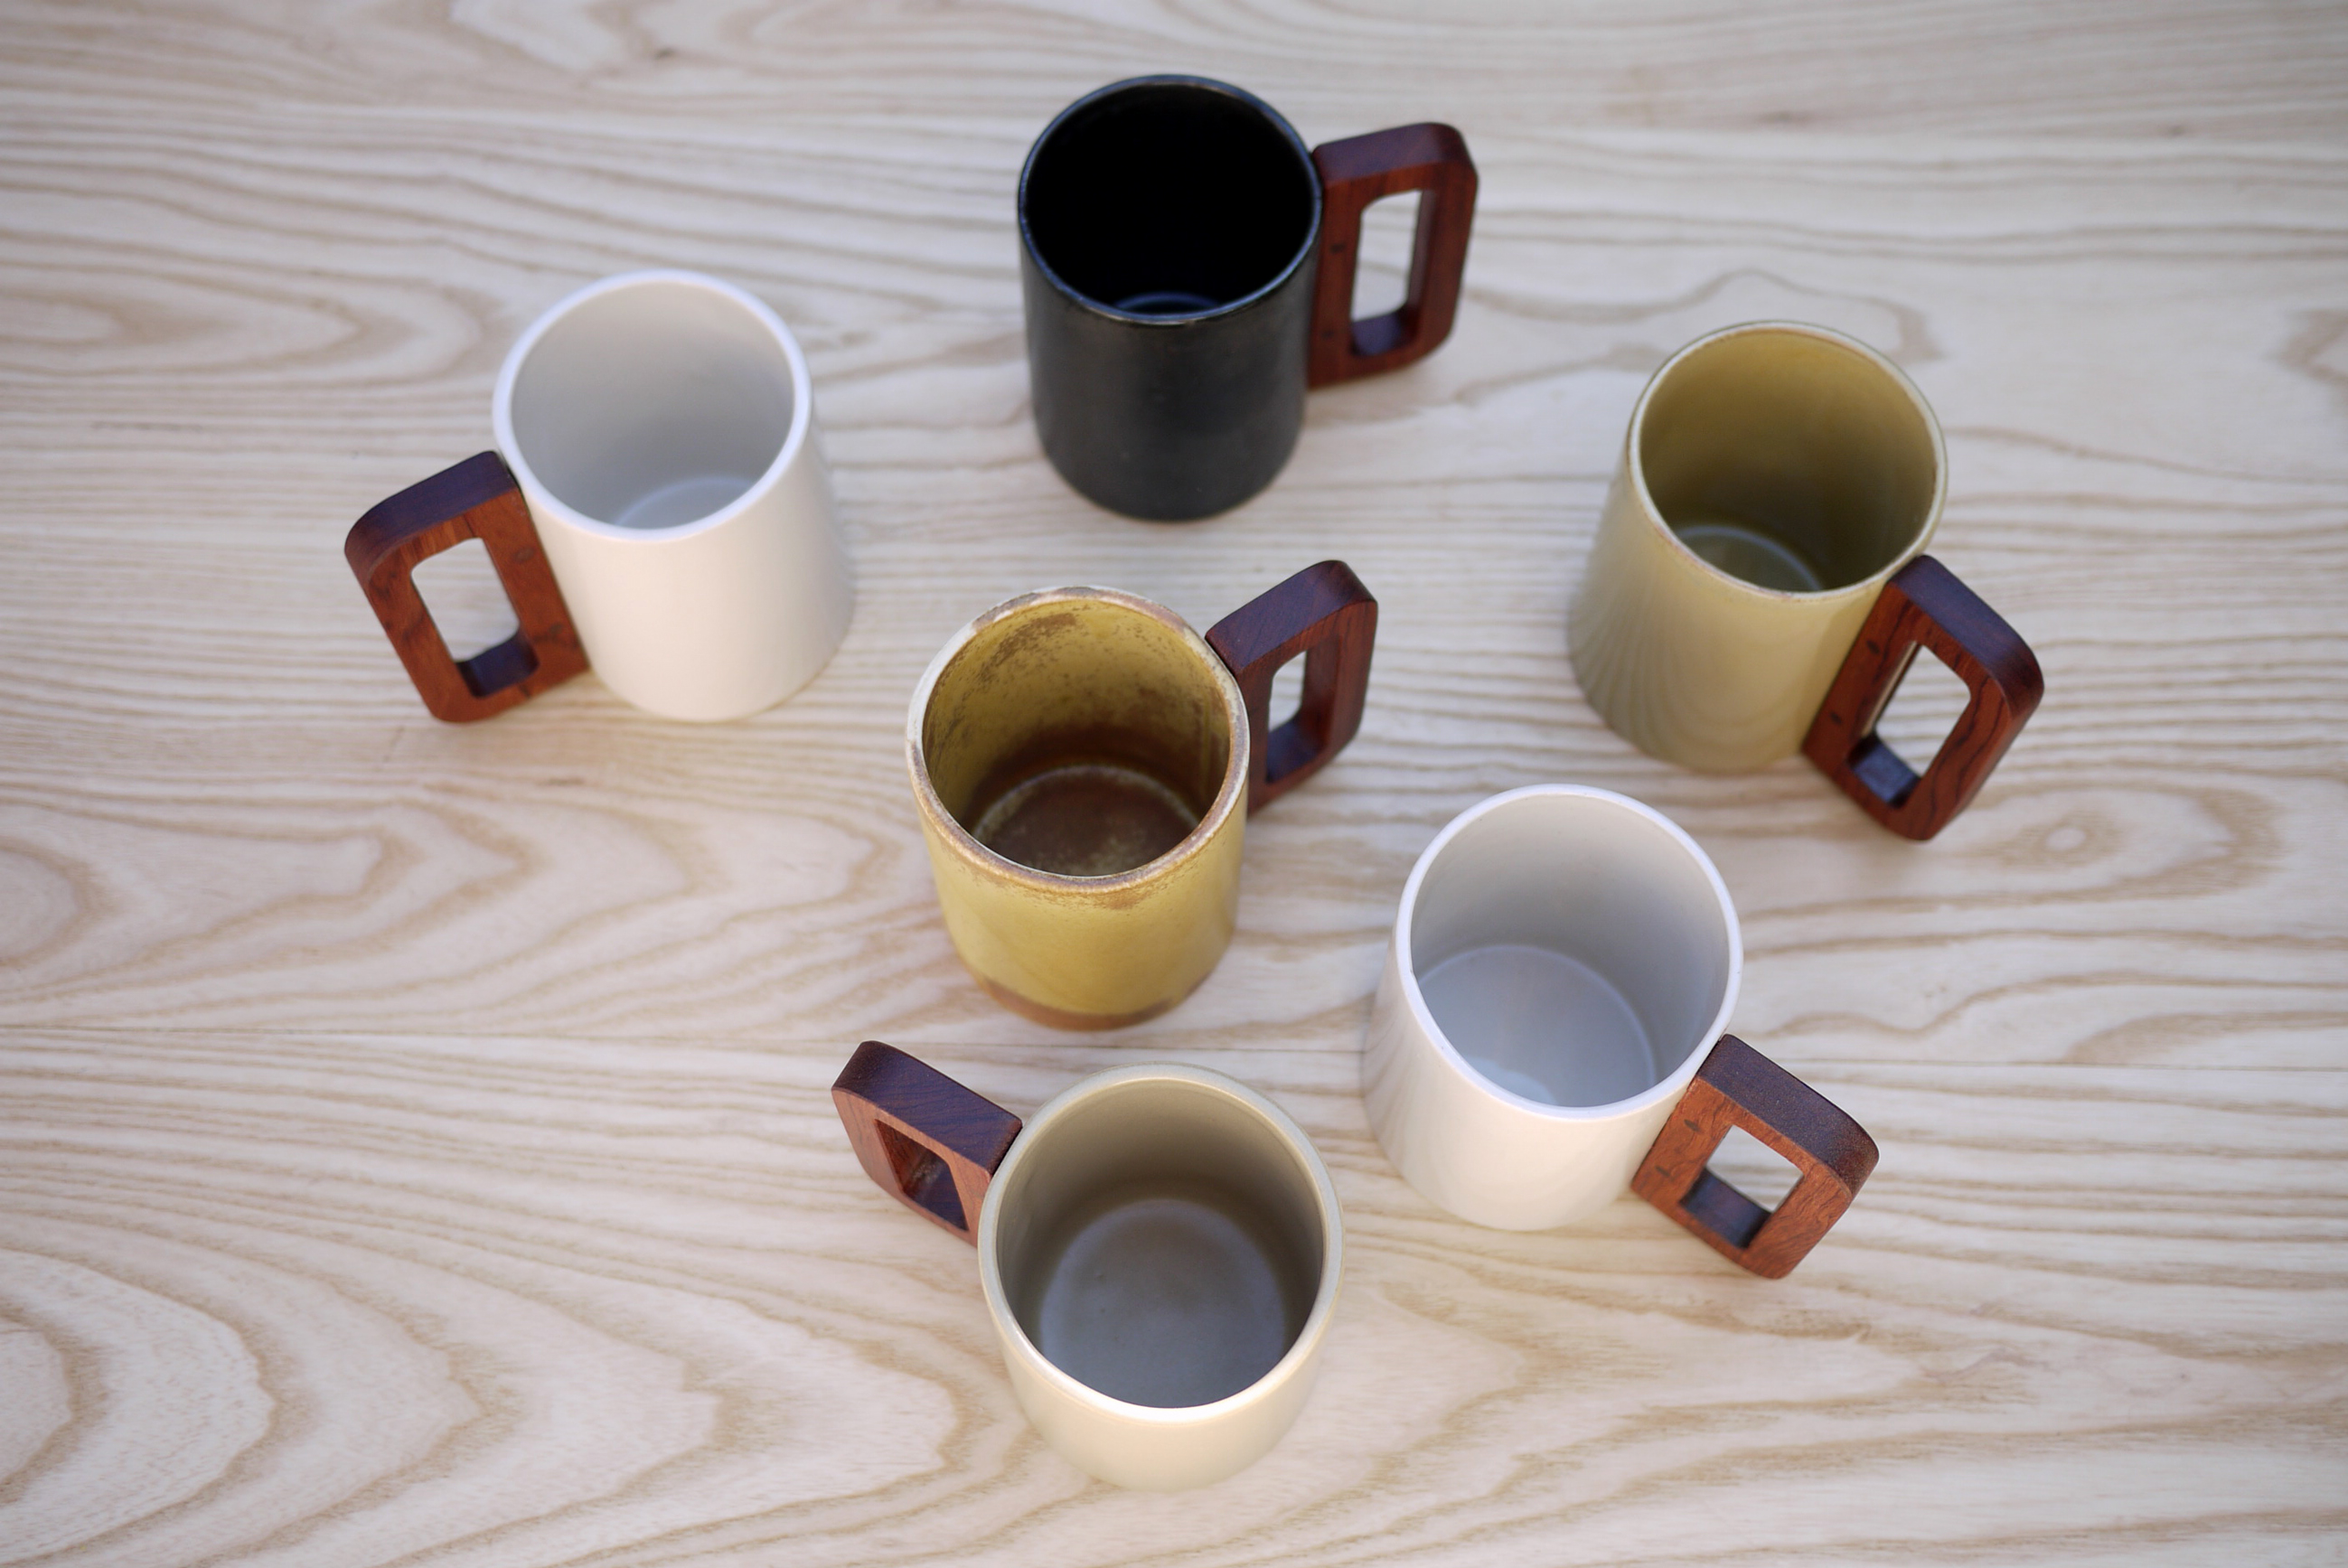 Mugs Serie, Matimañana, 2016